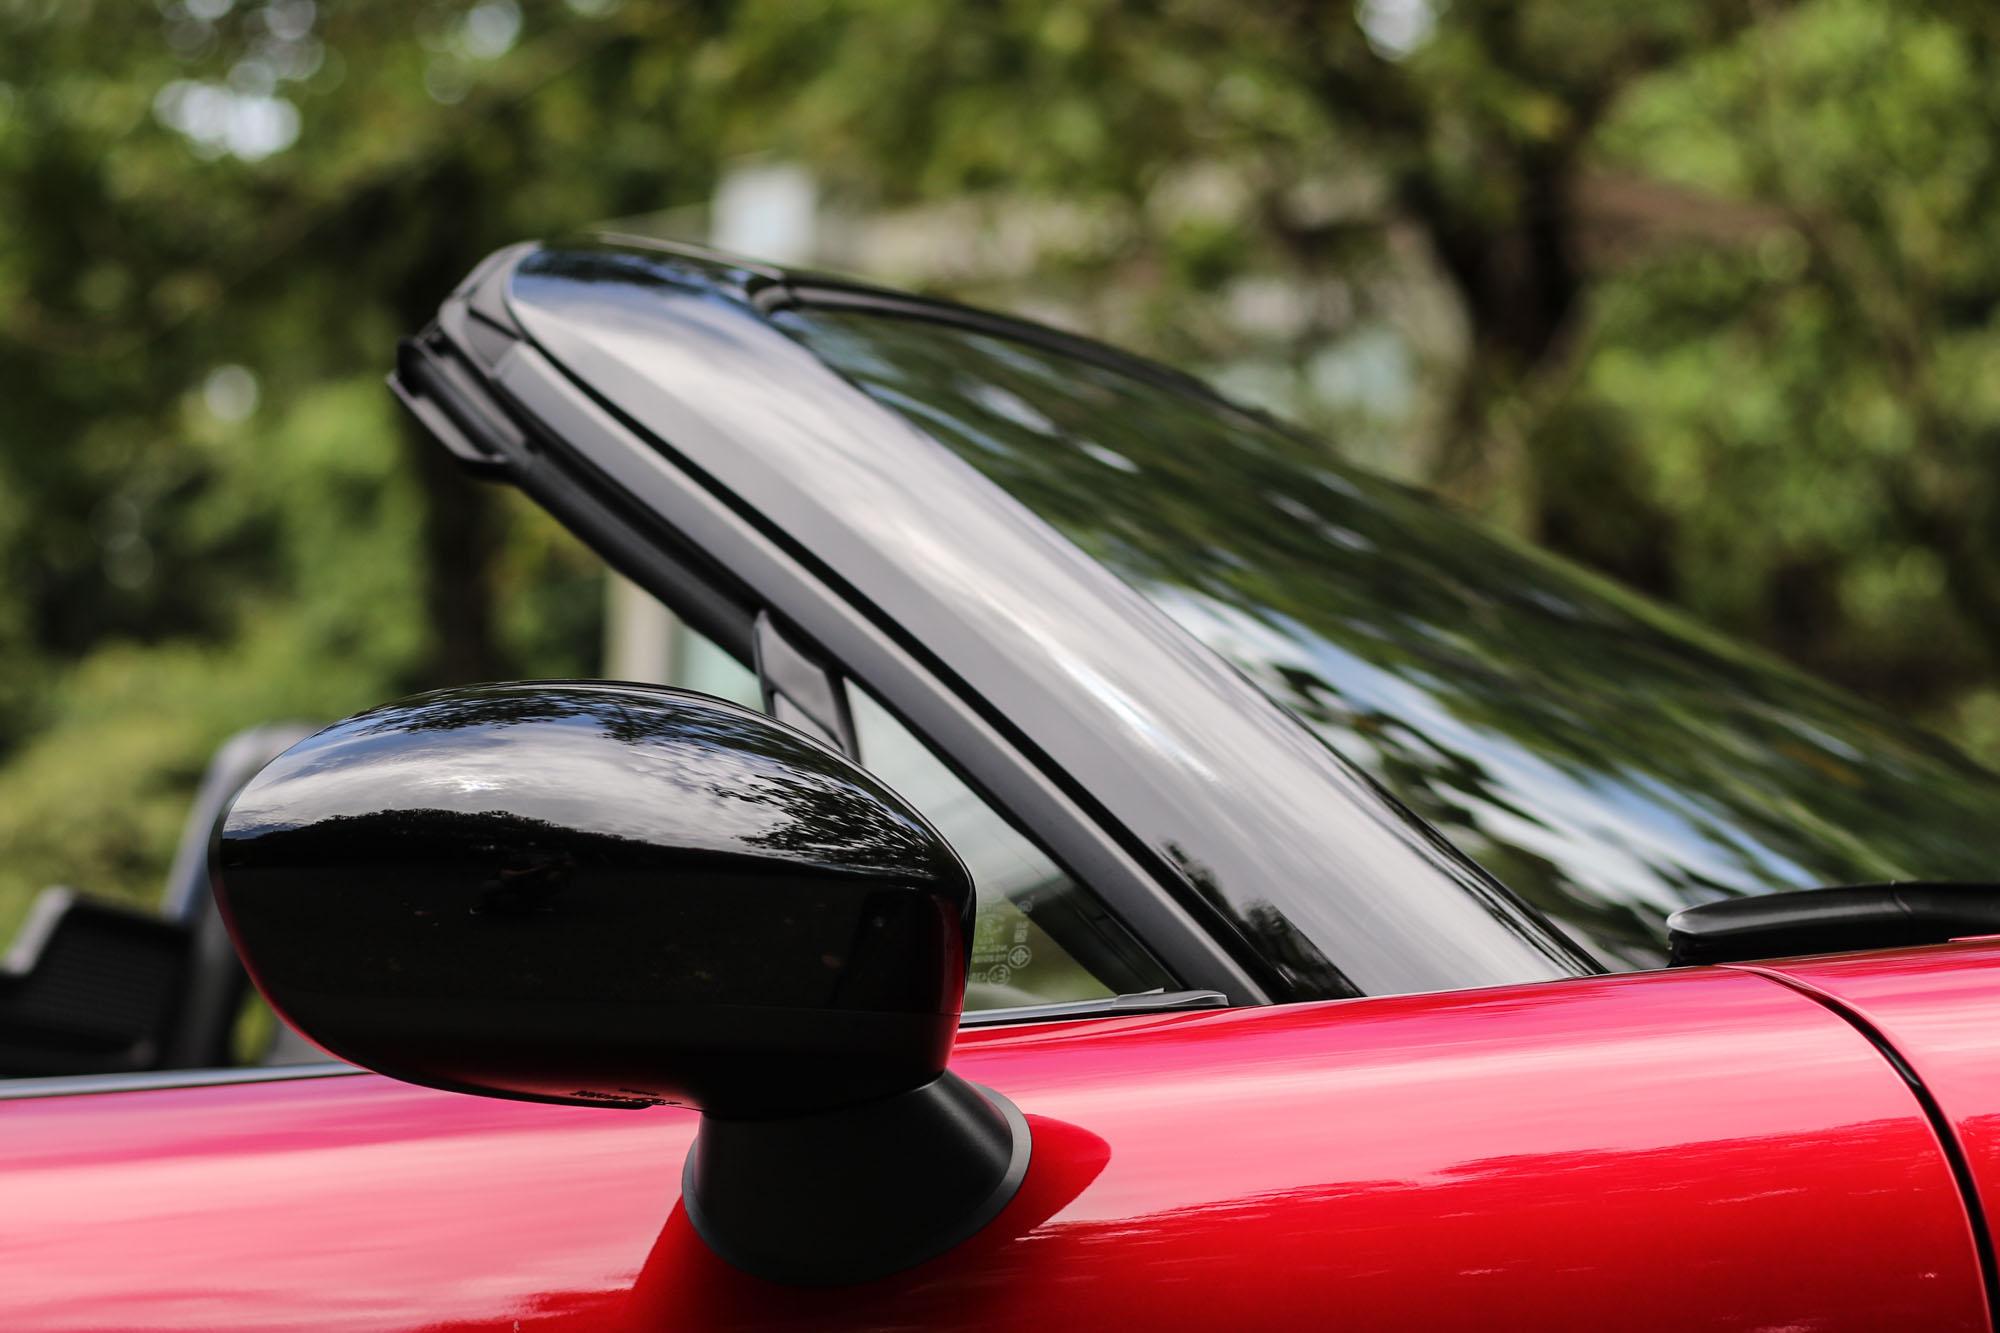 A 柱與後視鏡外殼皆採用輛黑色設計。